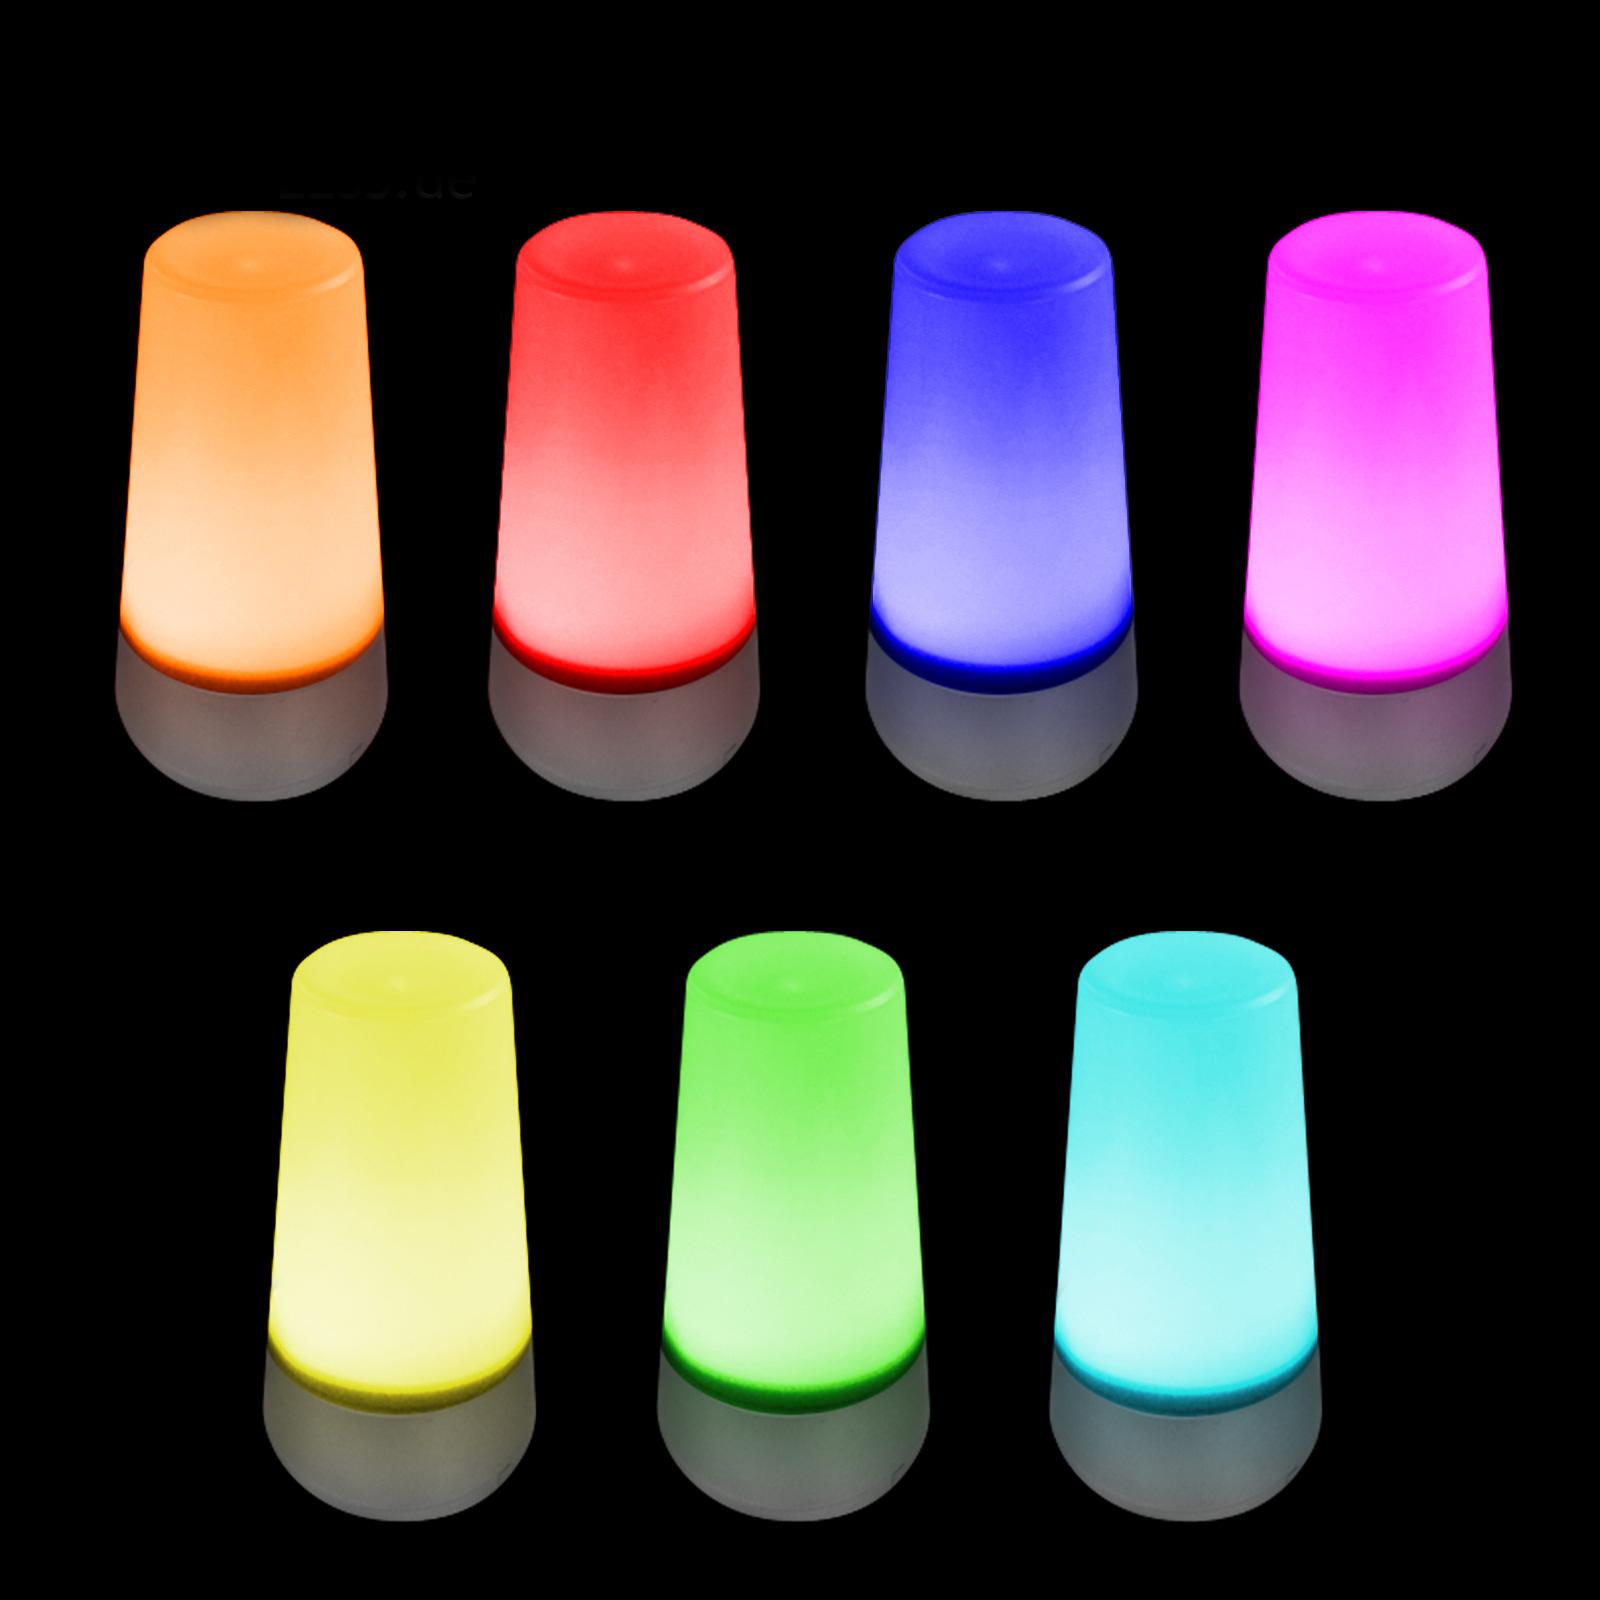 EAXUS LED Lampe / Stimmungslicht Mit Farbwechsel , 7 Farben | LED_Lampe